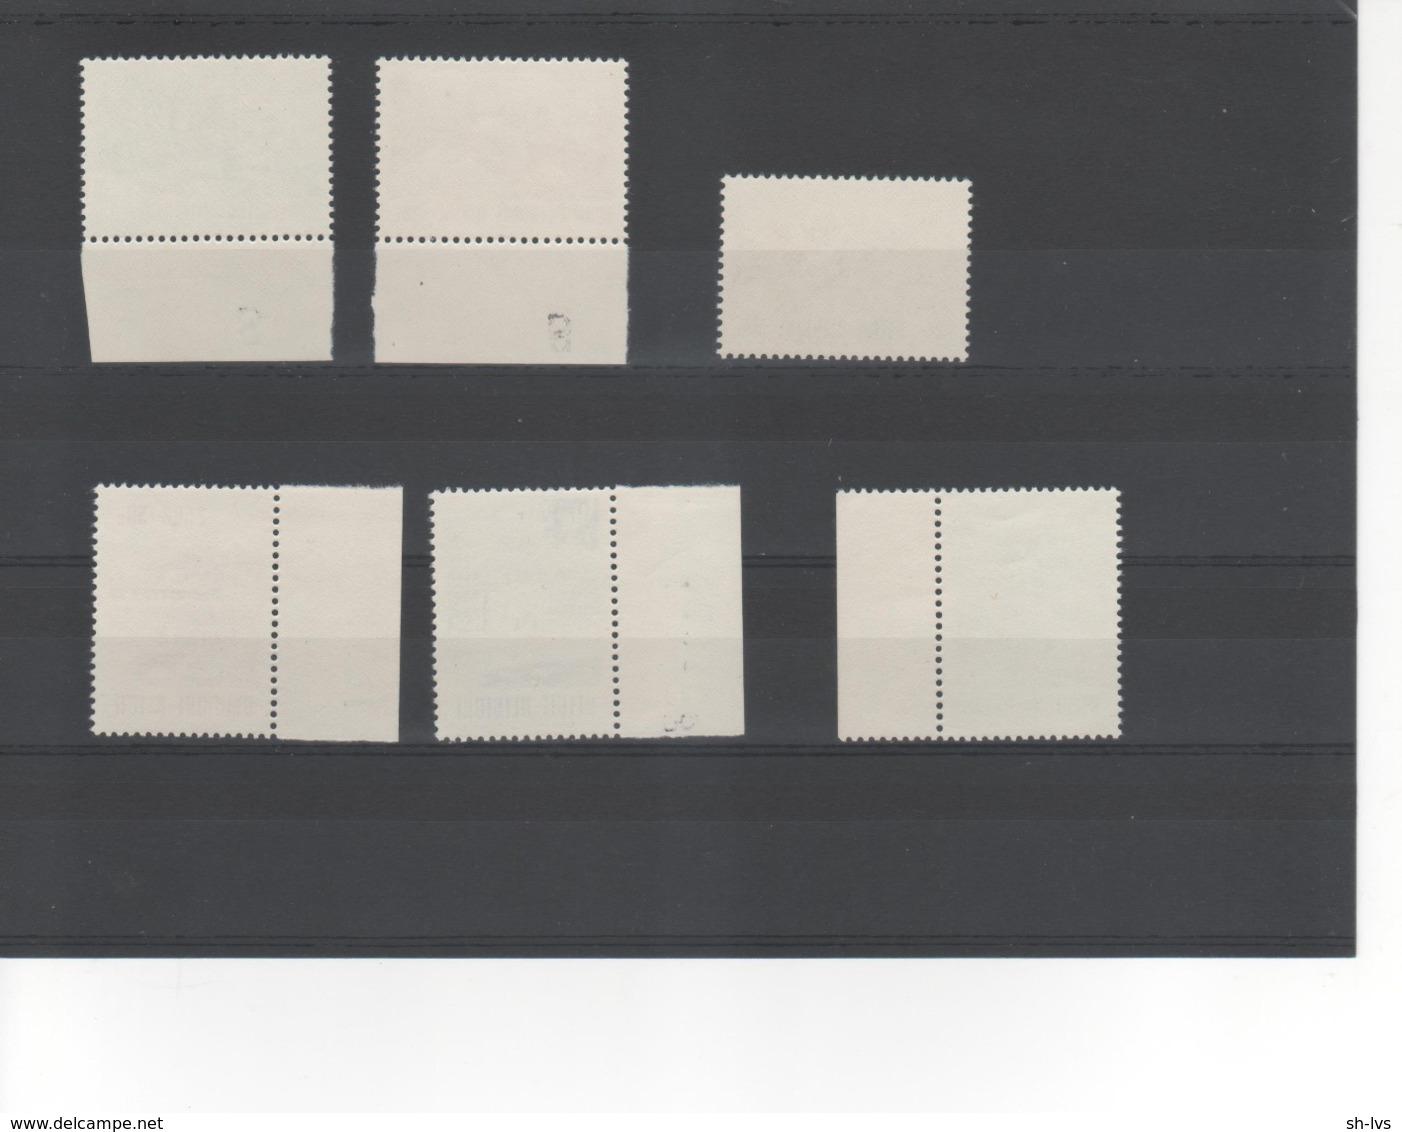 BELGIE - 1953 - CULTURELE UITGIFTE - STUDIECOMMISSIE VOOR DE TOERISTISCHE UITRUSTING - Unused Stamps